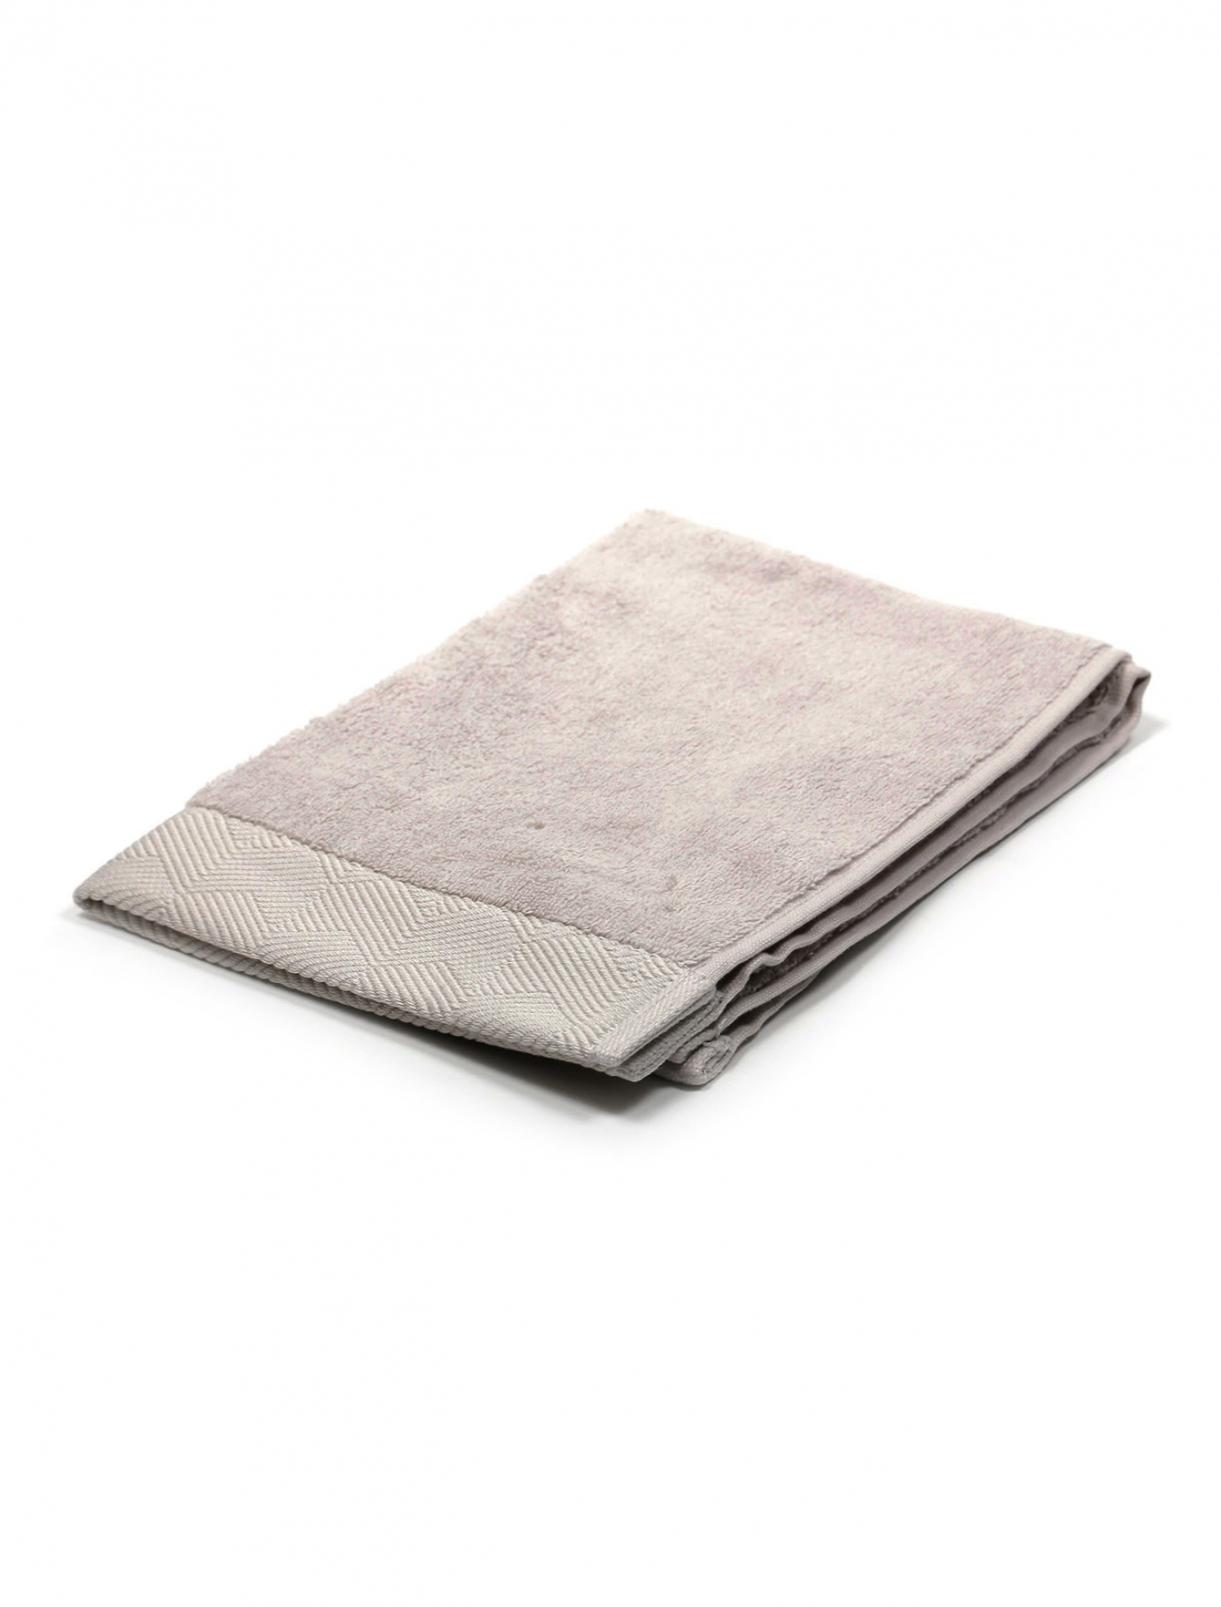 Полотенце из хлопковой махровой ткани с фактурным орнаментом по канту 40 x 60 Frette  –  Общий вид